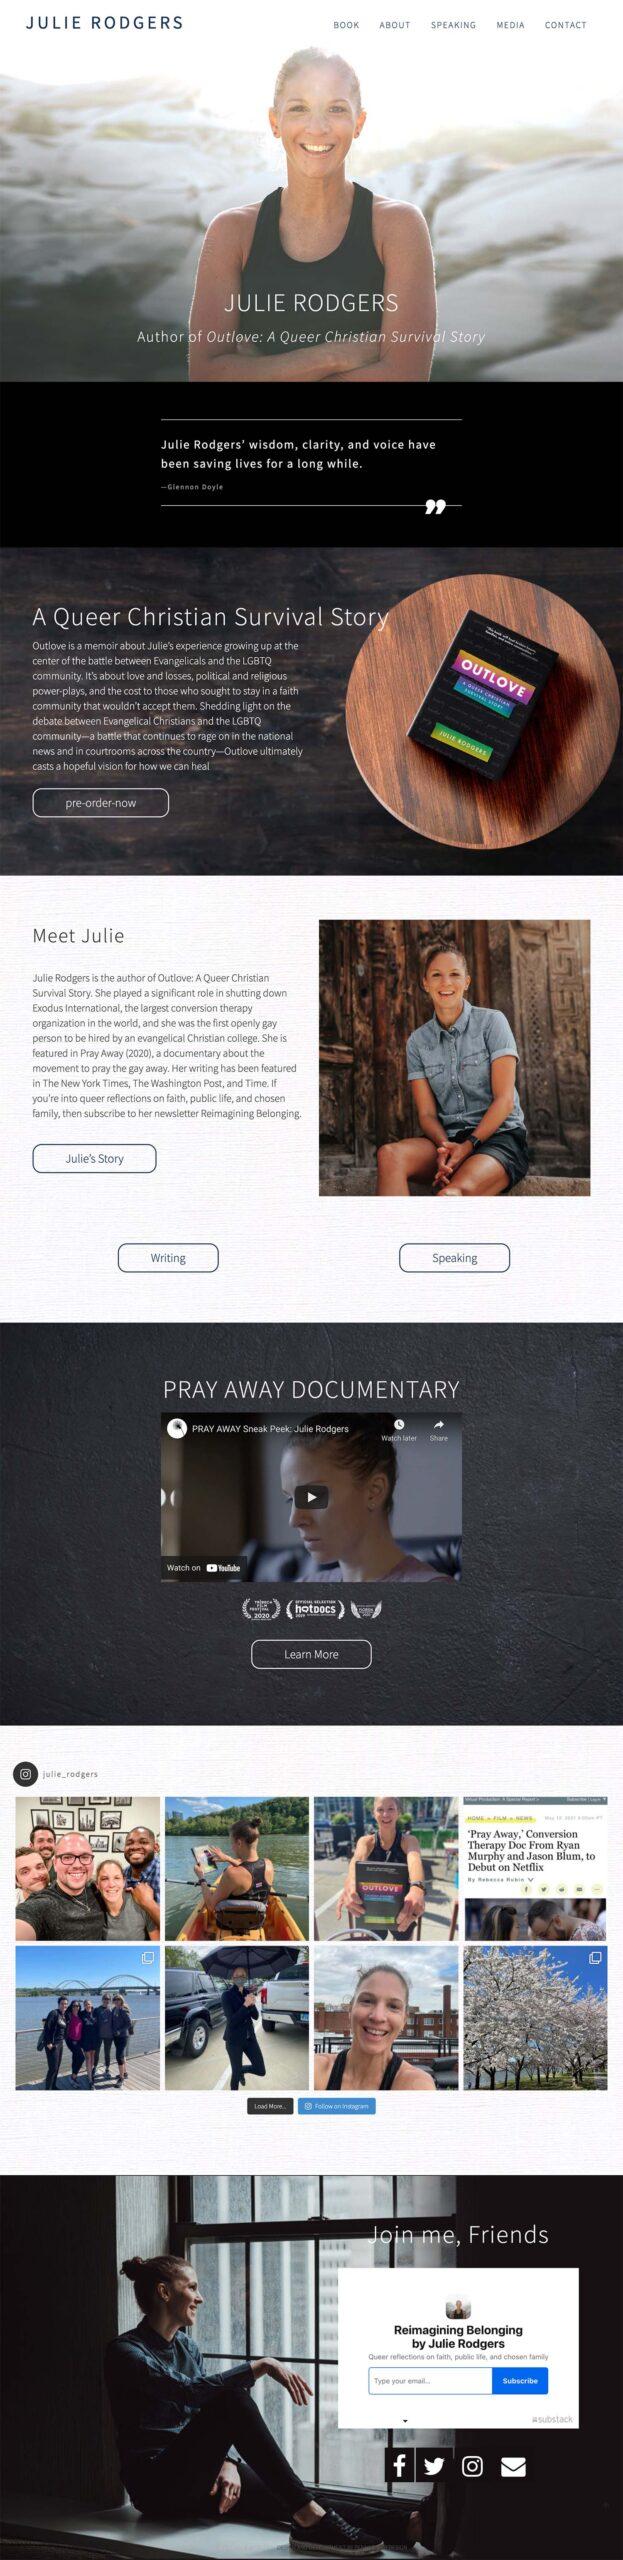 Julie Rodgers Screenshot